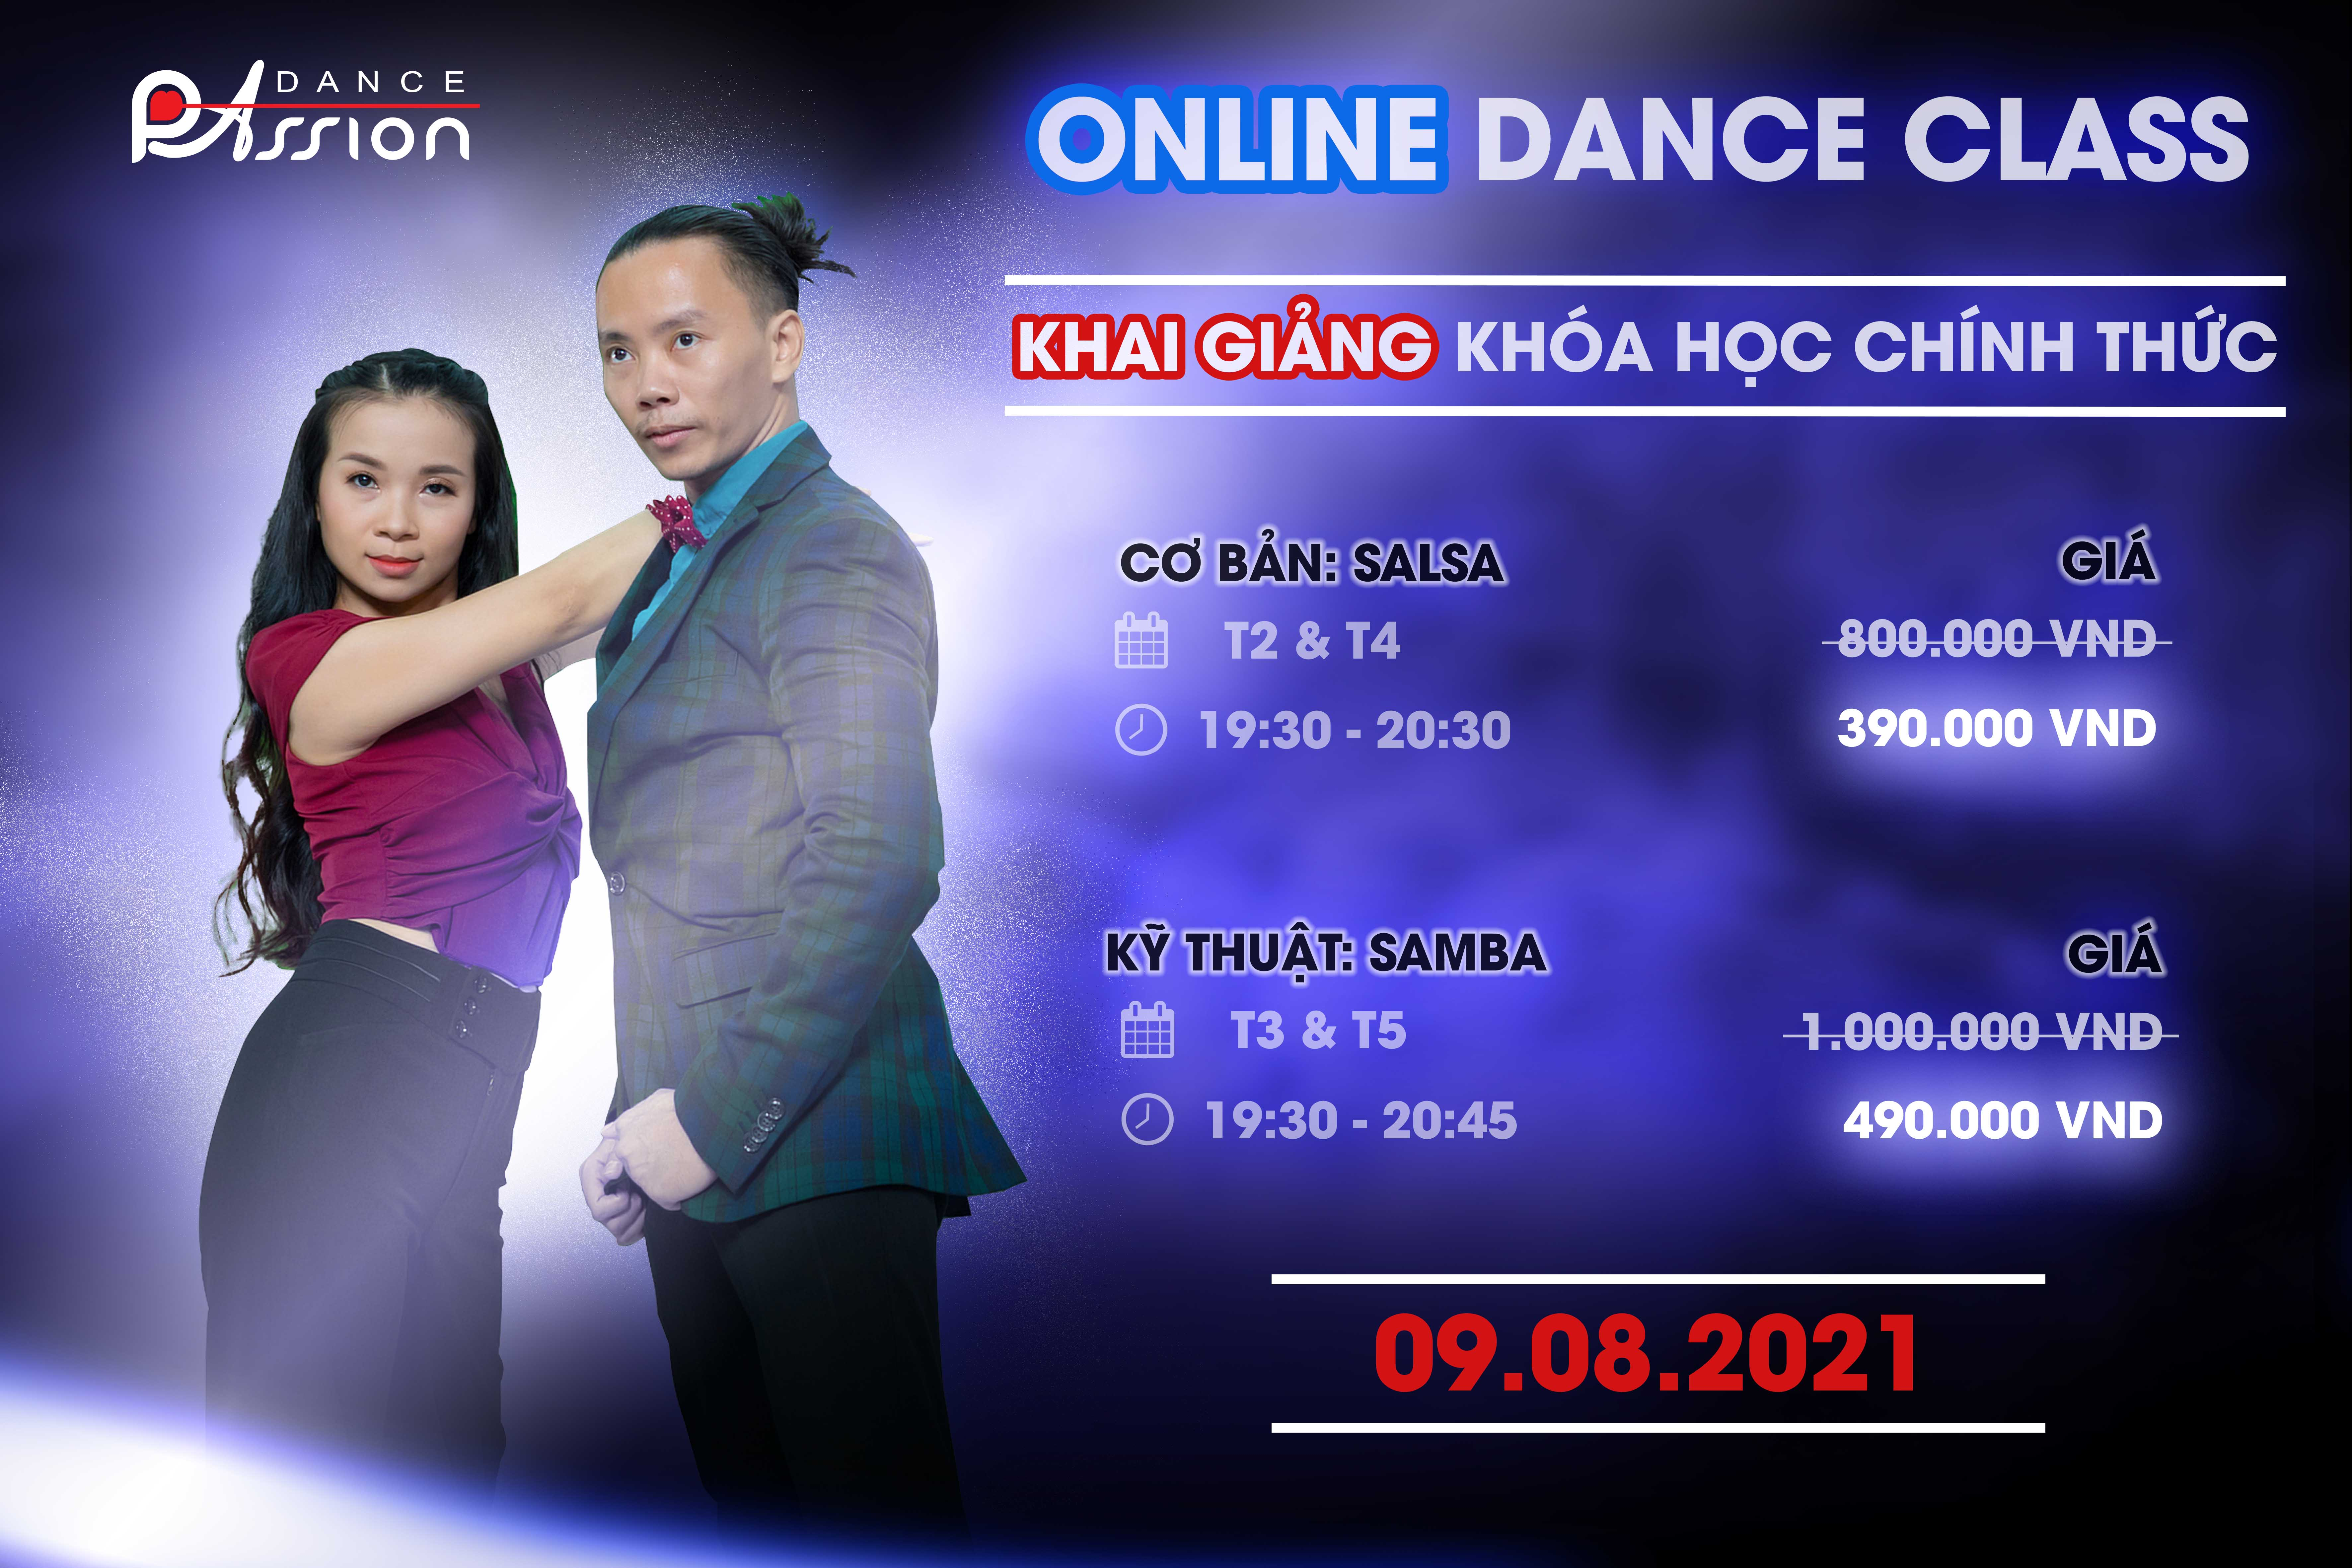 Lop khieu vu online - ONLINE DANCE CLASS